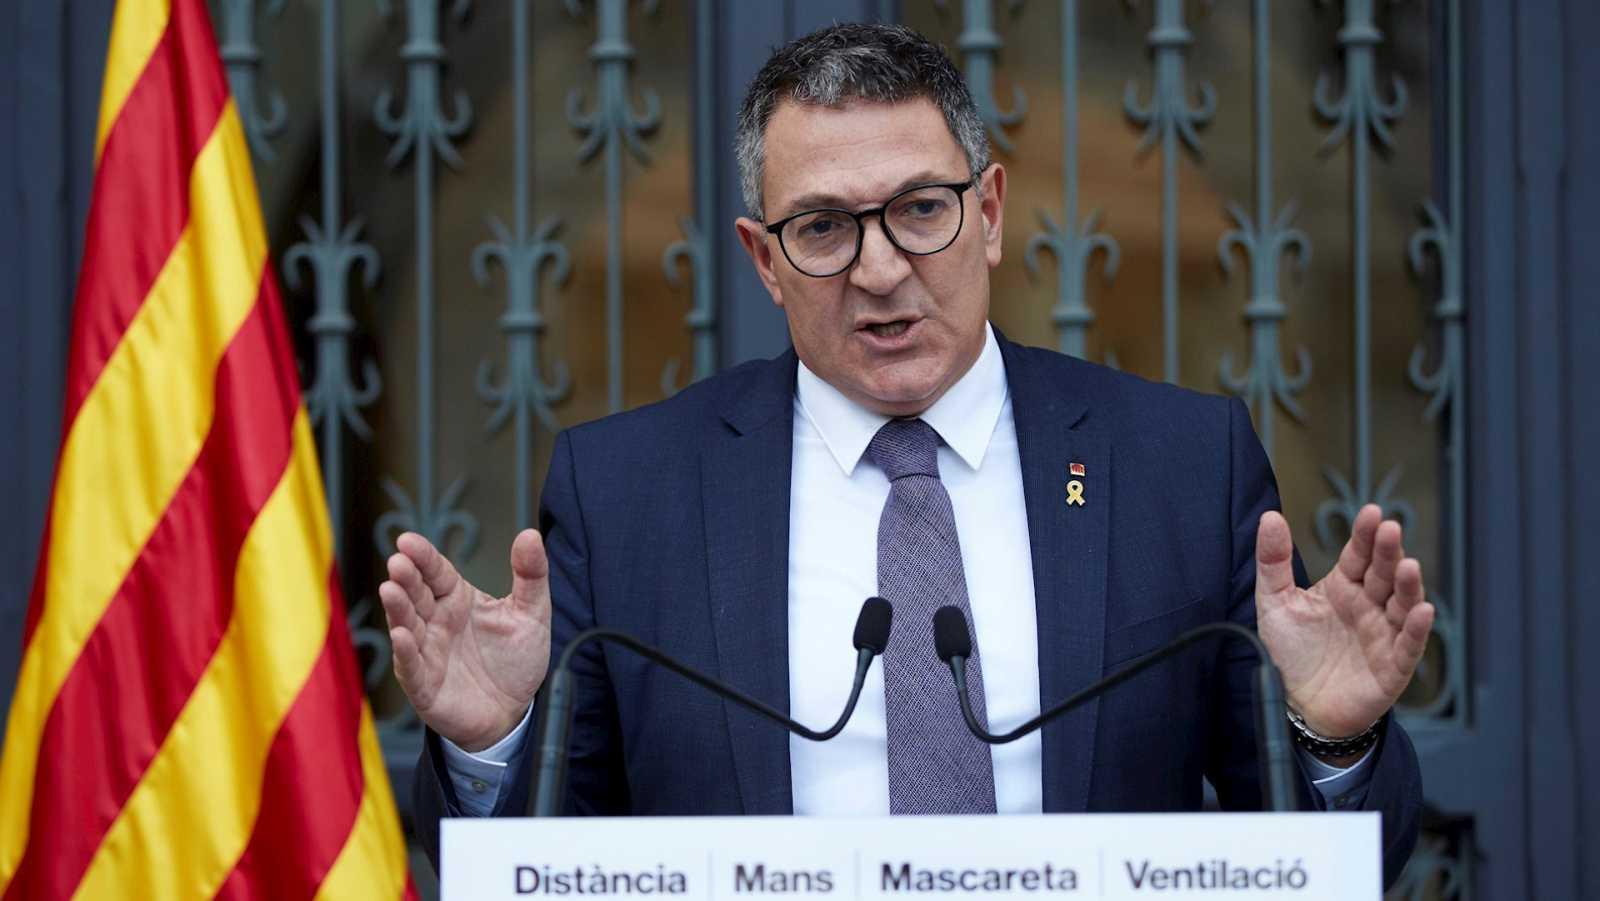 14 horas Fin de Semana - El consejero catalán de Interior reconoce la presencia de violencia extrema durante las movilizaciones - Escuchar ahora